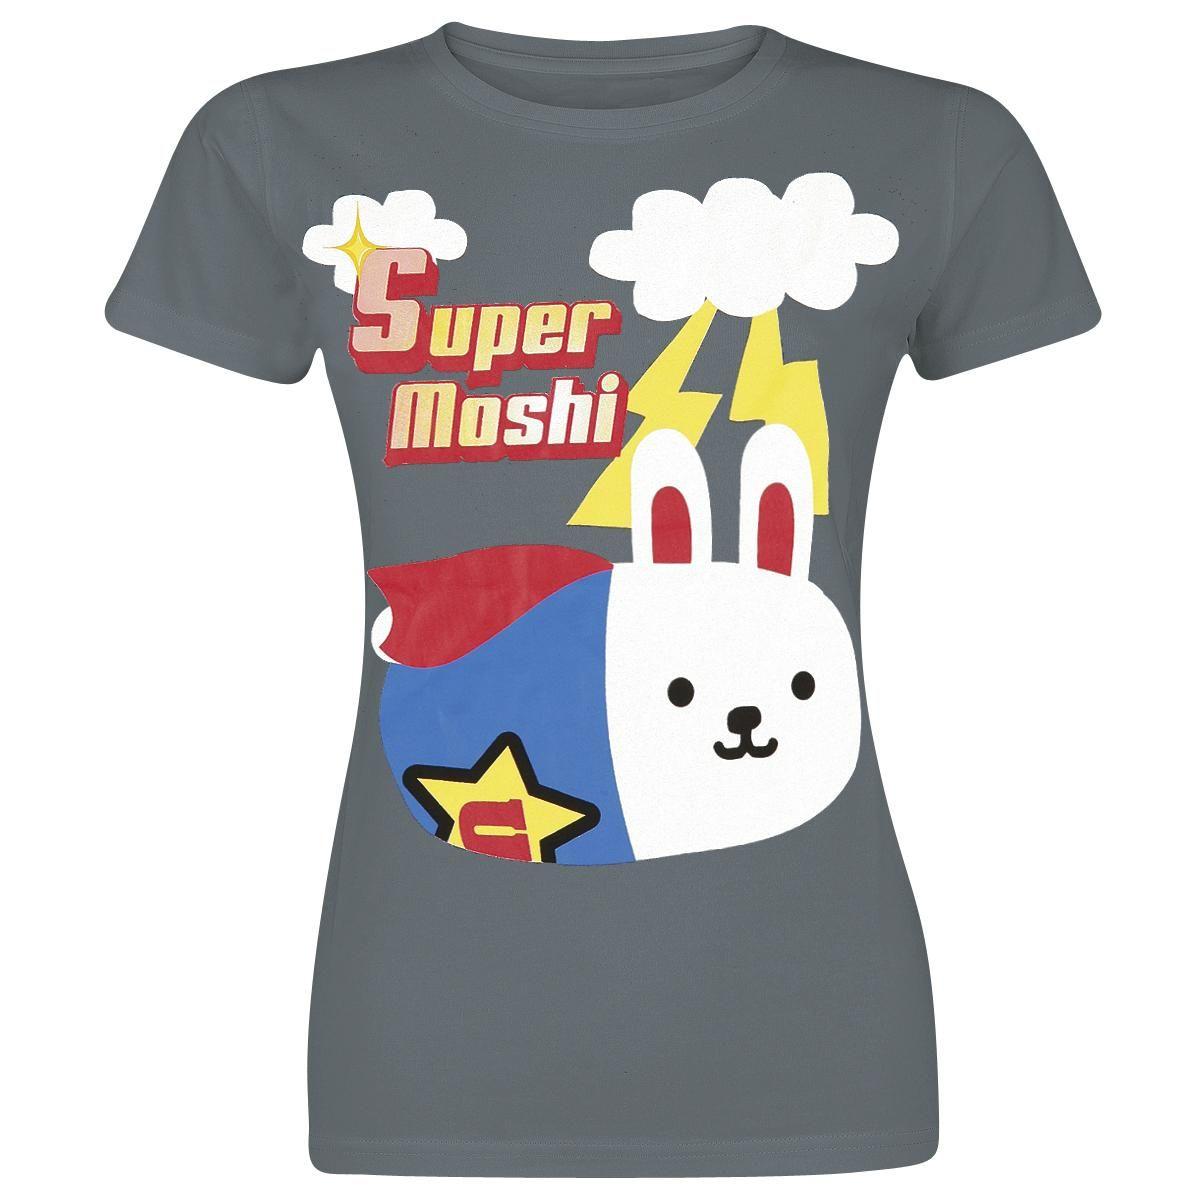 Super Moshi van MoshiMoshiKawaii